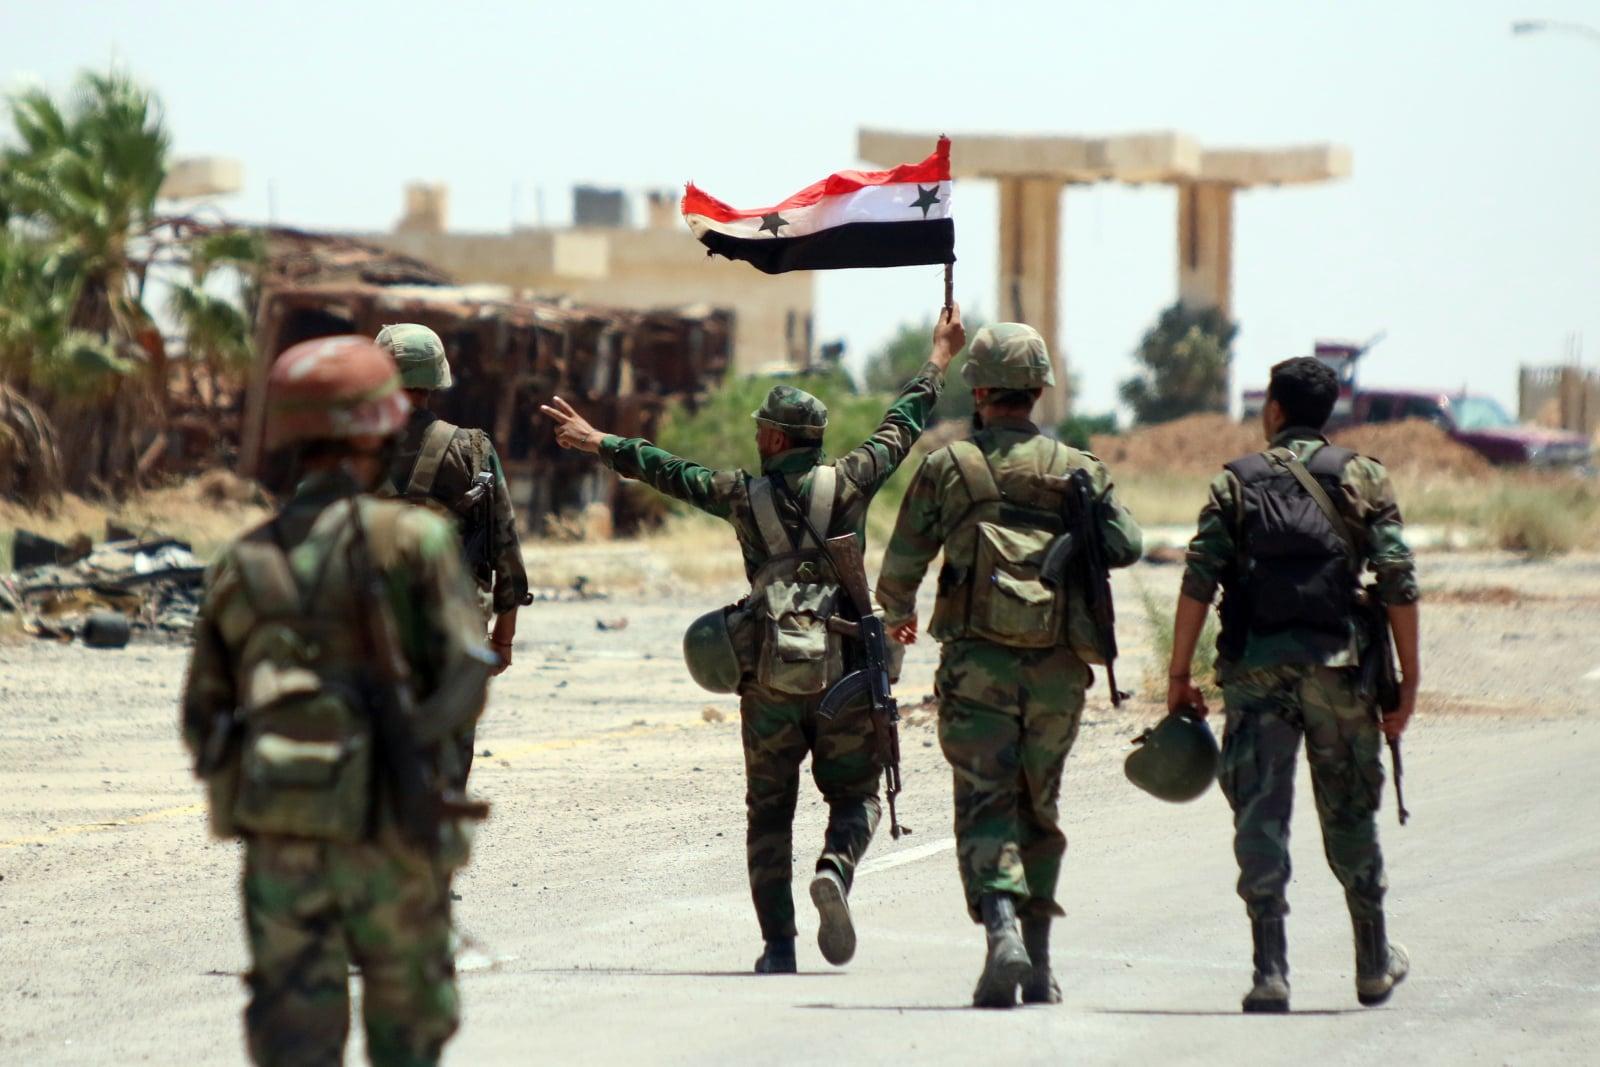 Syryjscy żołnierze wkraczają do prowincji poddanej przez rebeliantów. Fot. PAP/EPA/YOUSSEF BADAWI